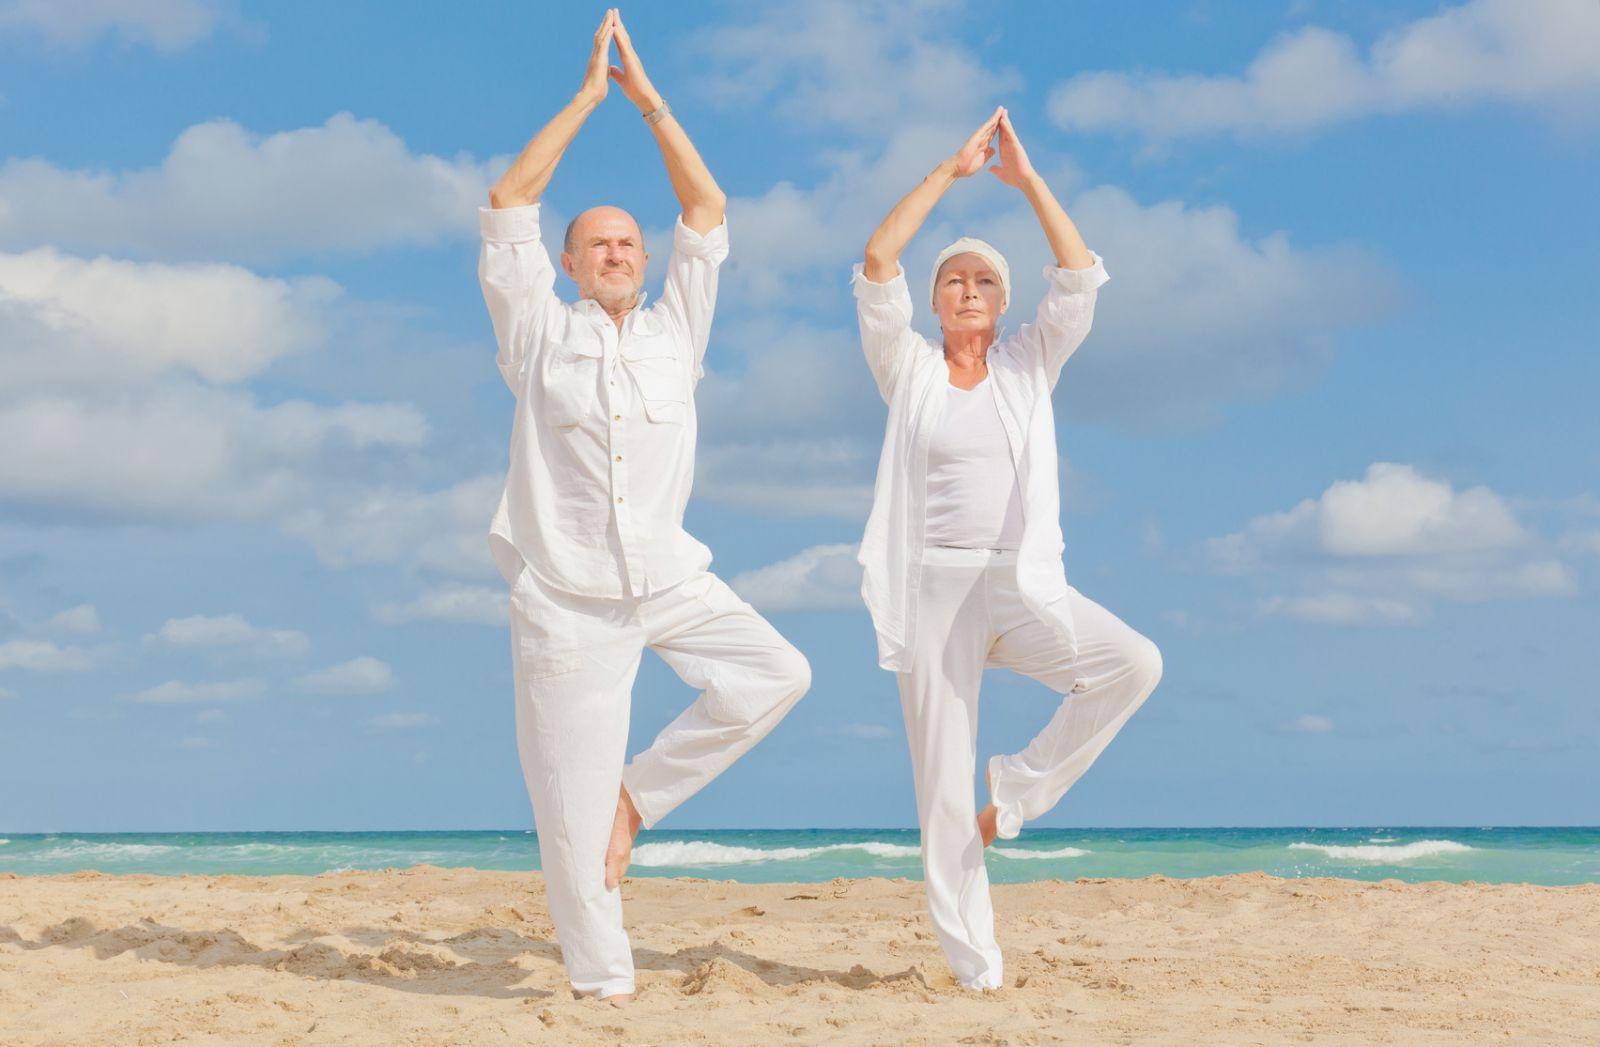 an old couple doing yoga on the beach